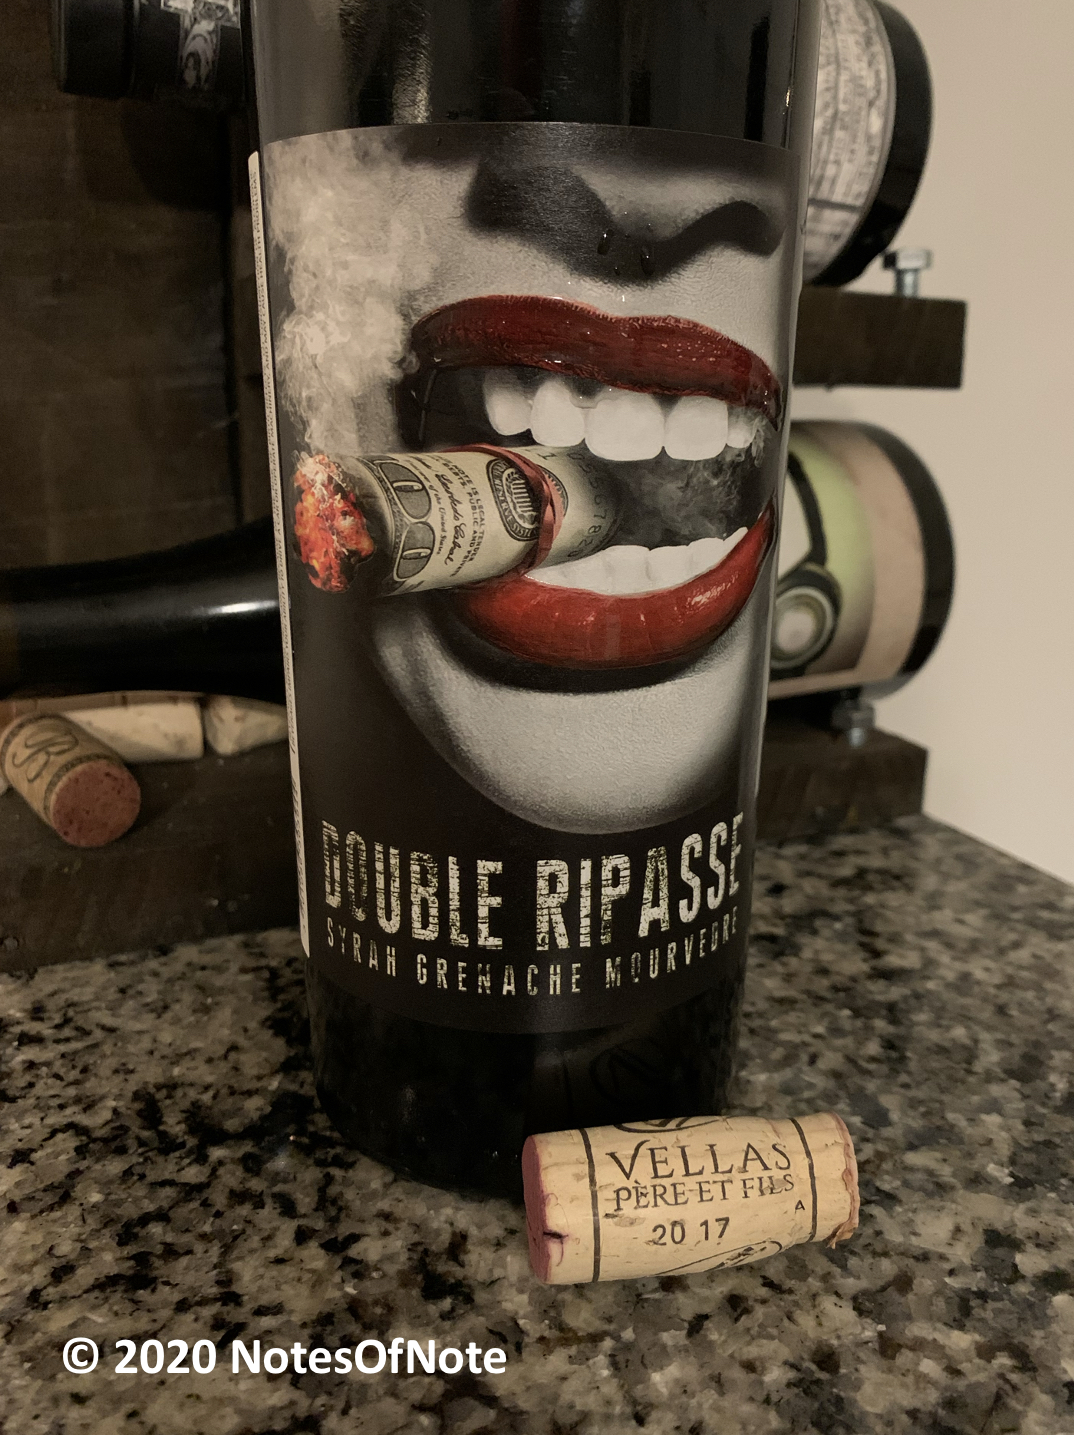 2017 Double Ripasse, Vellas Pere et Fils Languedoc, Rhône, France.